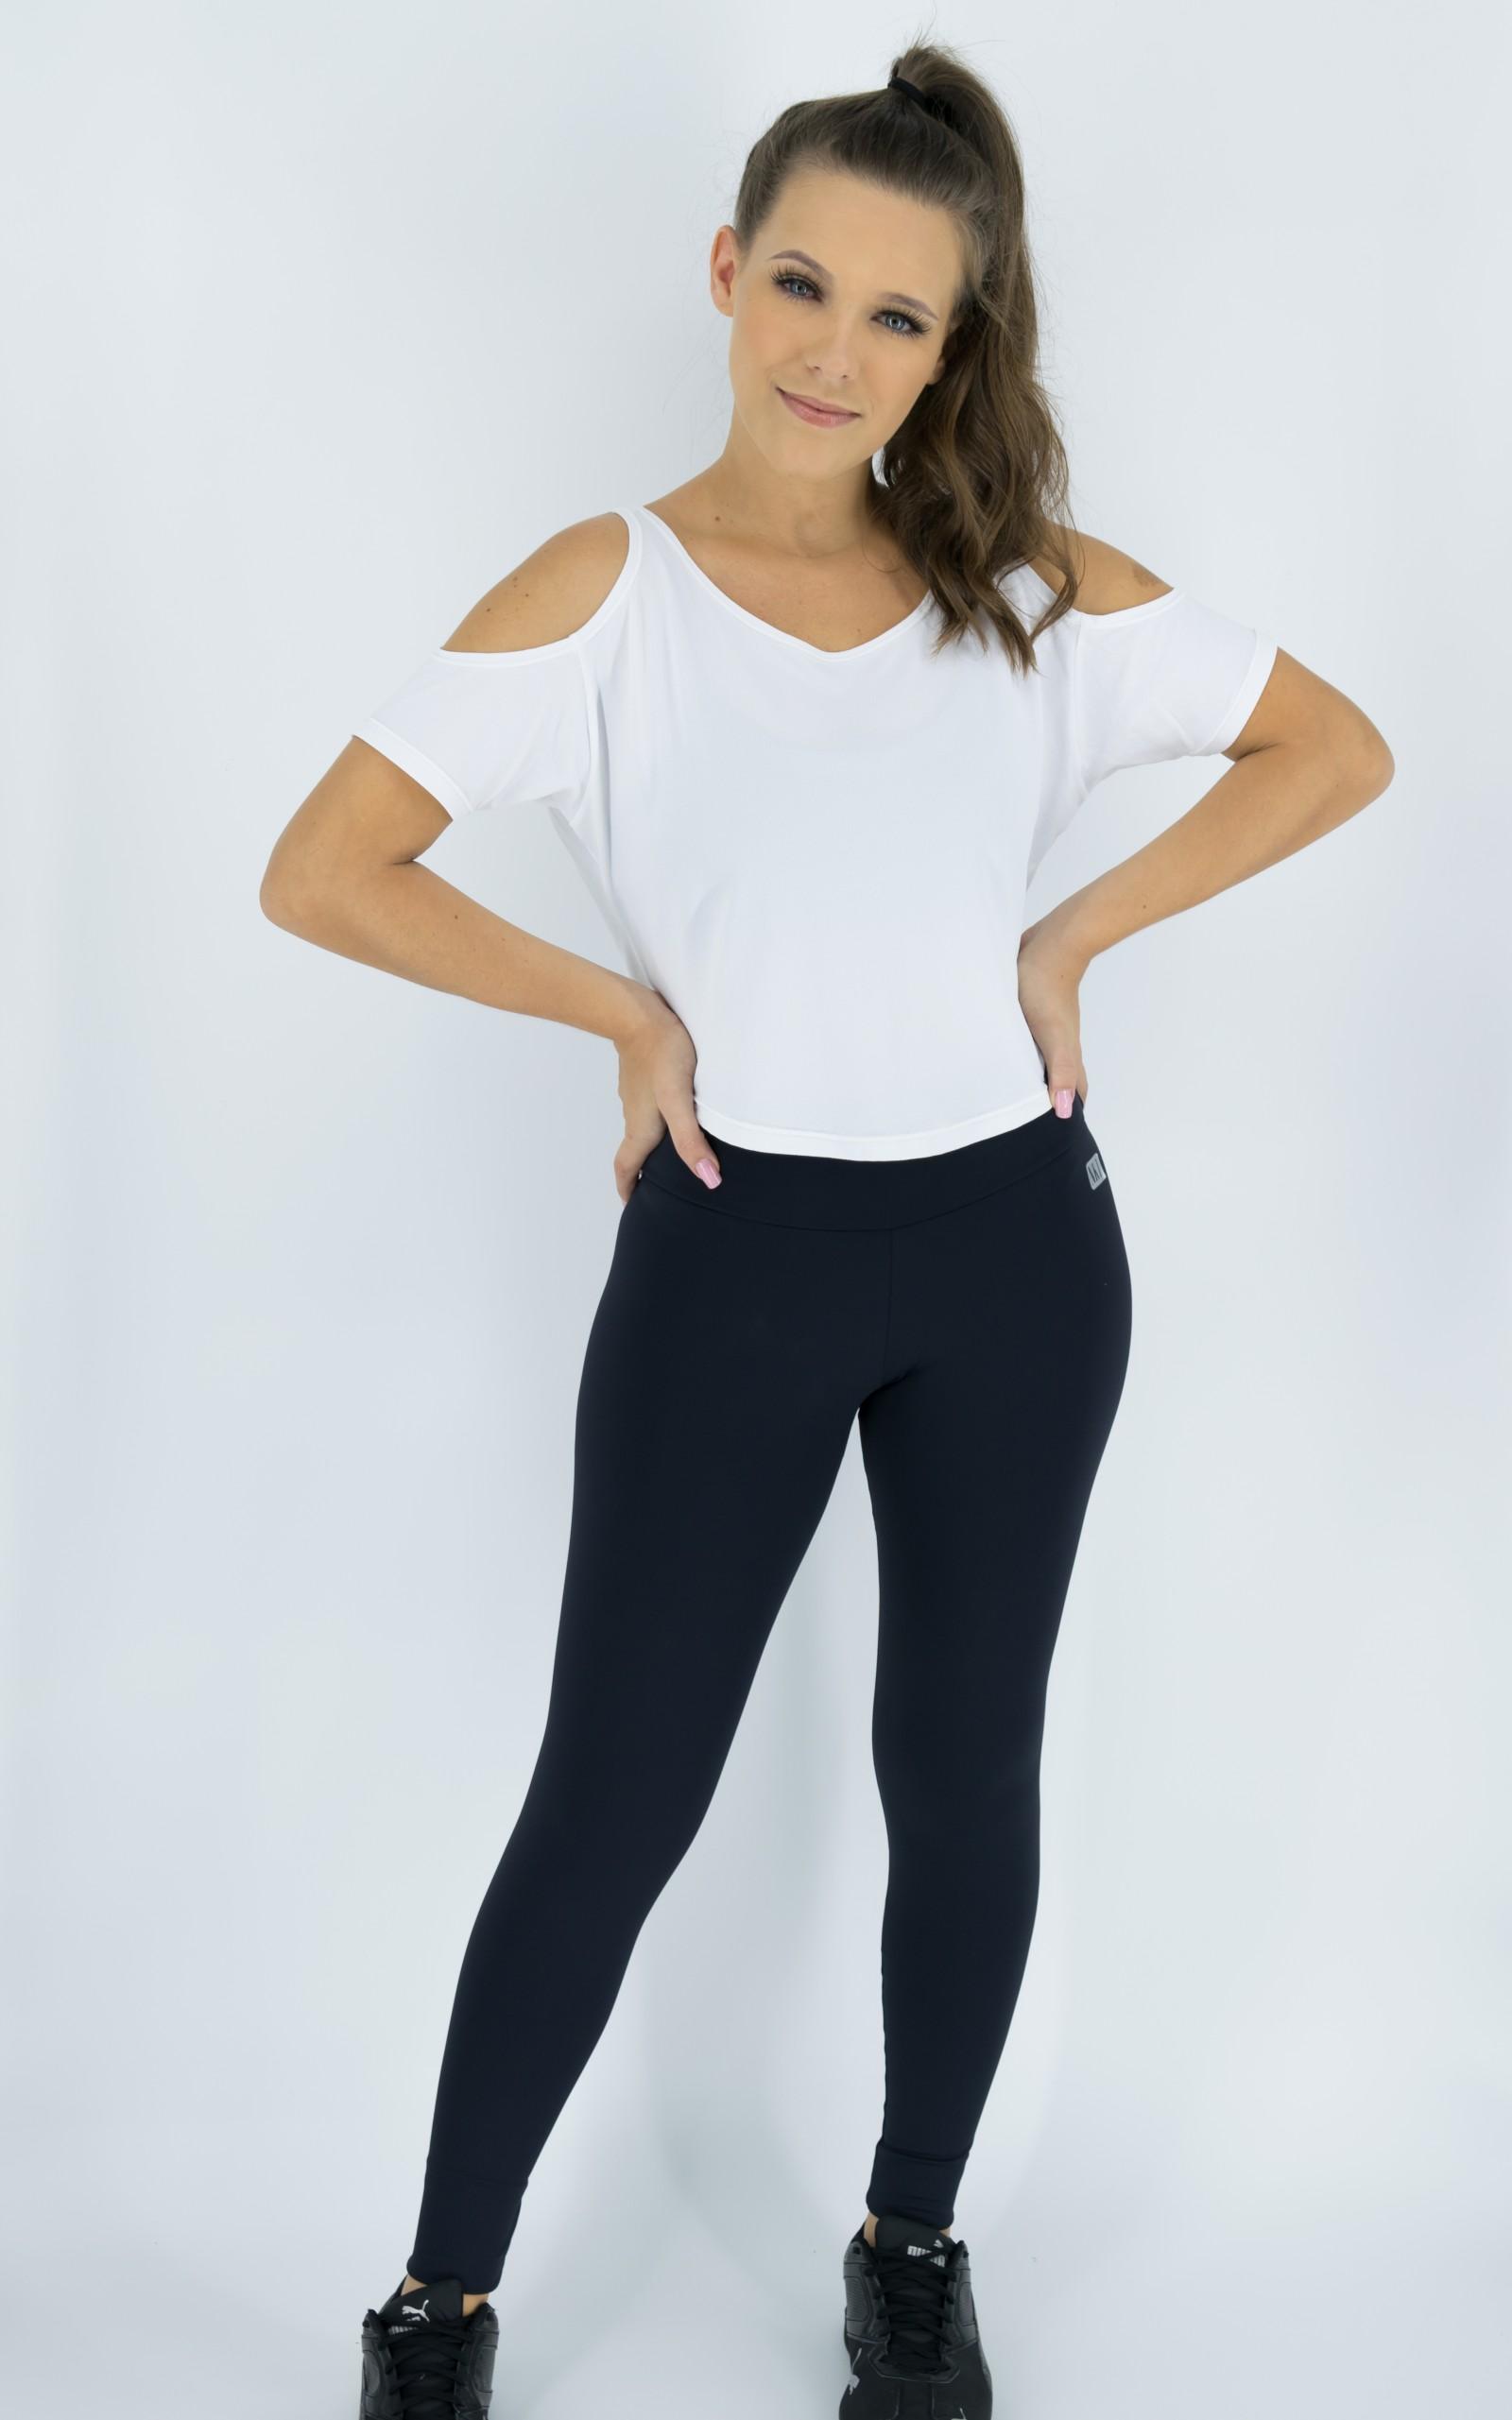 Blusa Like Branca, Coleção Move Your Body - NKT Fitwear Moda Fitness